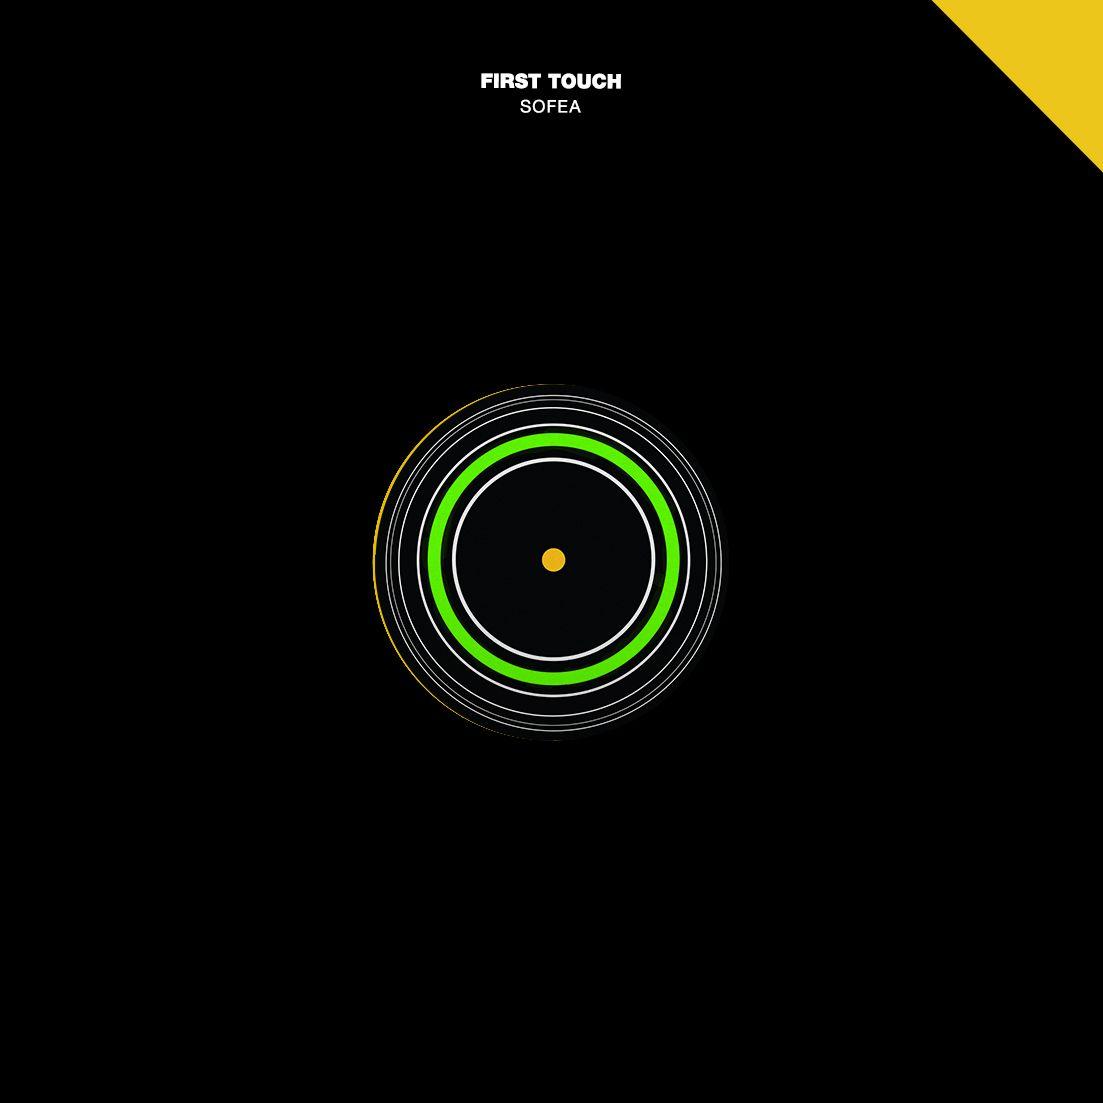 """First Touch/SOFEA DJ SPINNA REMIX 12"""""""